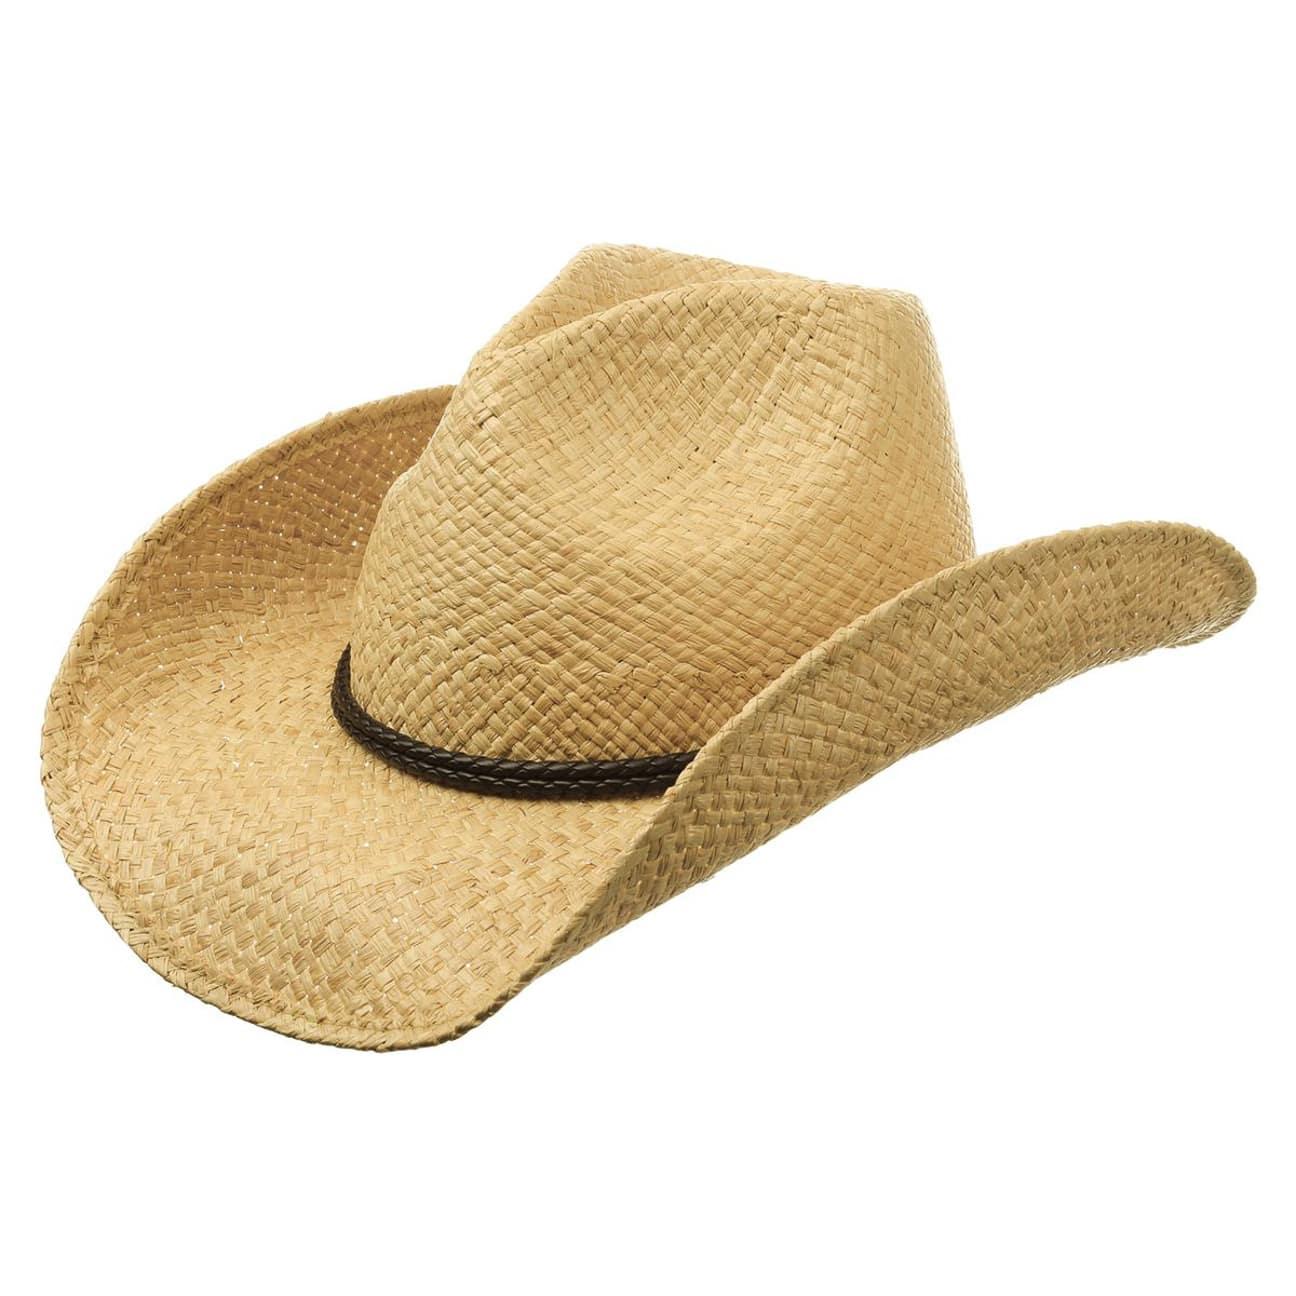 0eb875a6c75c6 Sombrero Travilah Rafia Cowboy by Stetson - Sombreros - sombreroshop.es